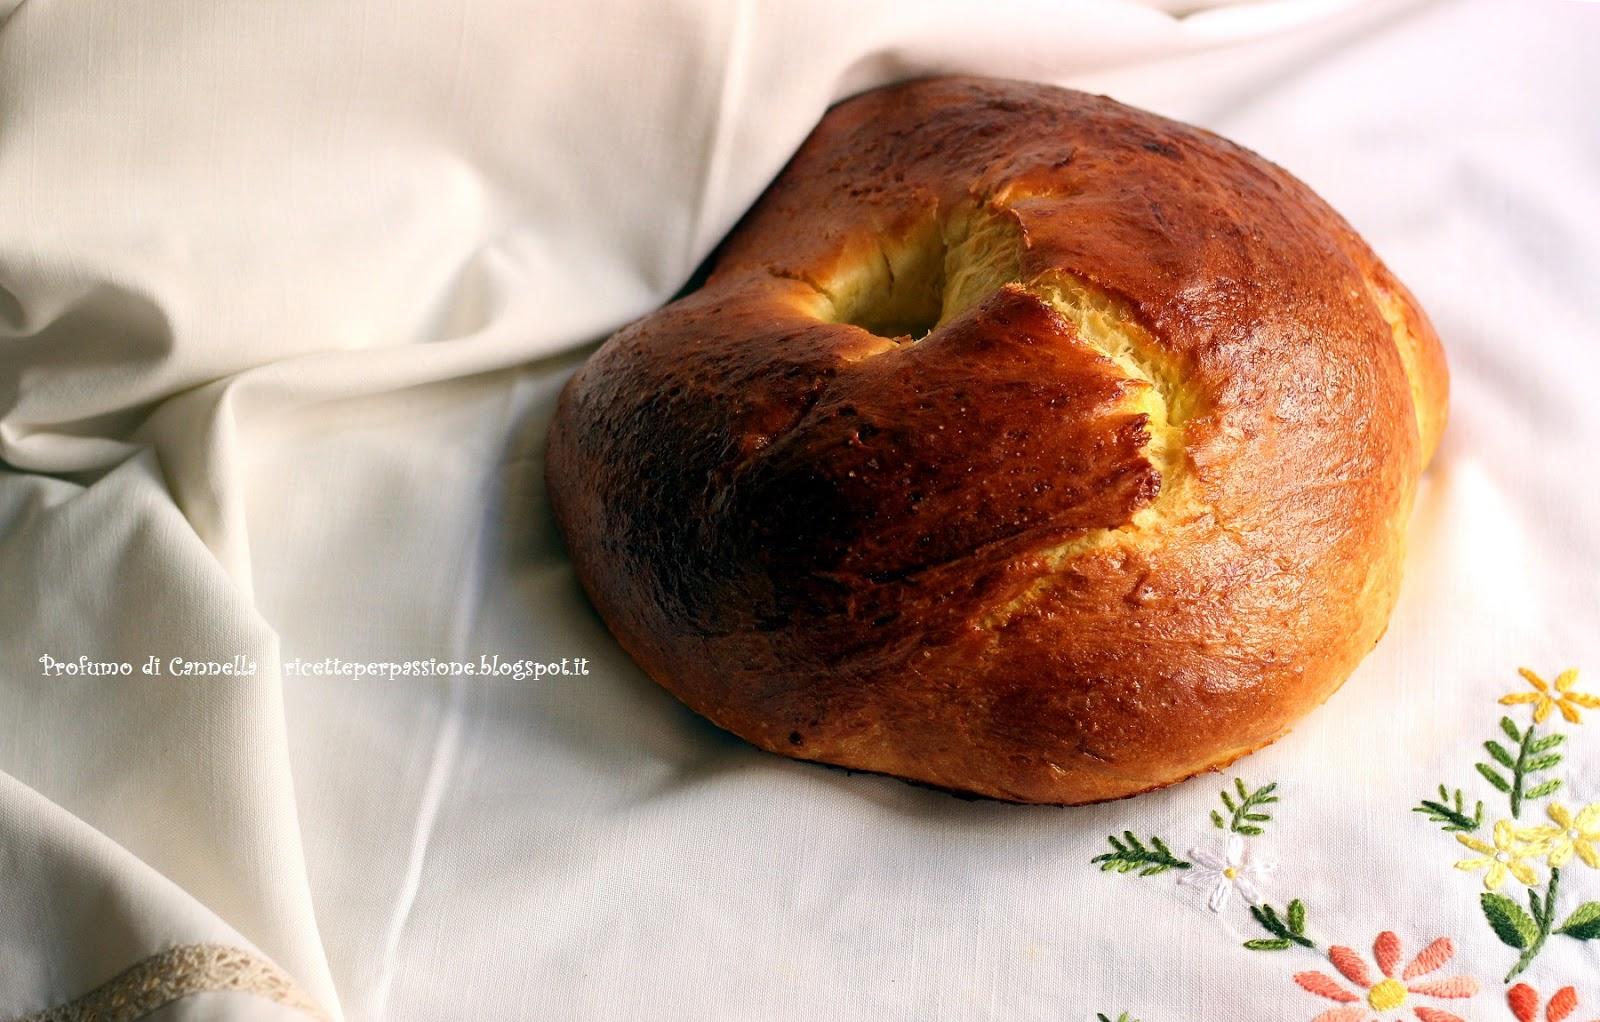 pane semidolce - il puccillato di castelluccio del periodo pasquale